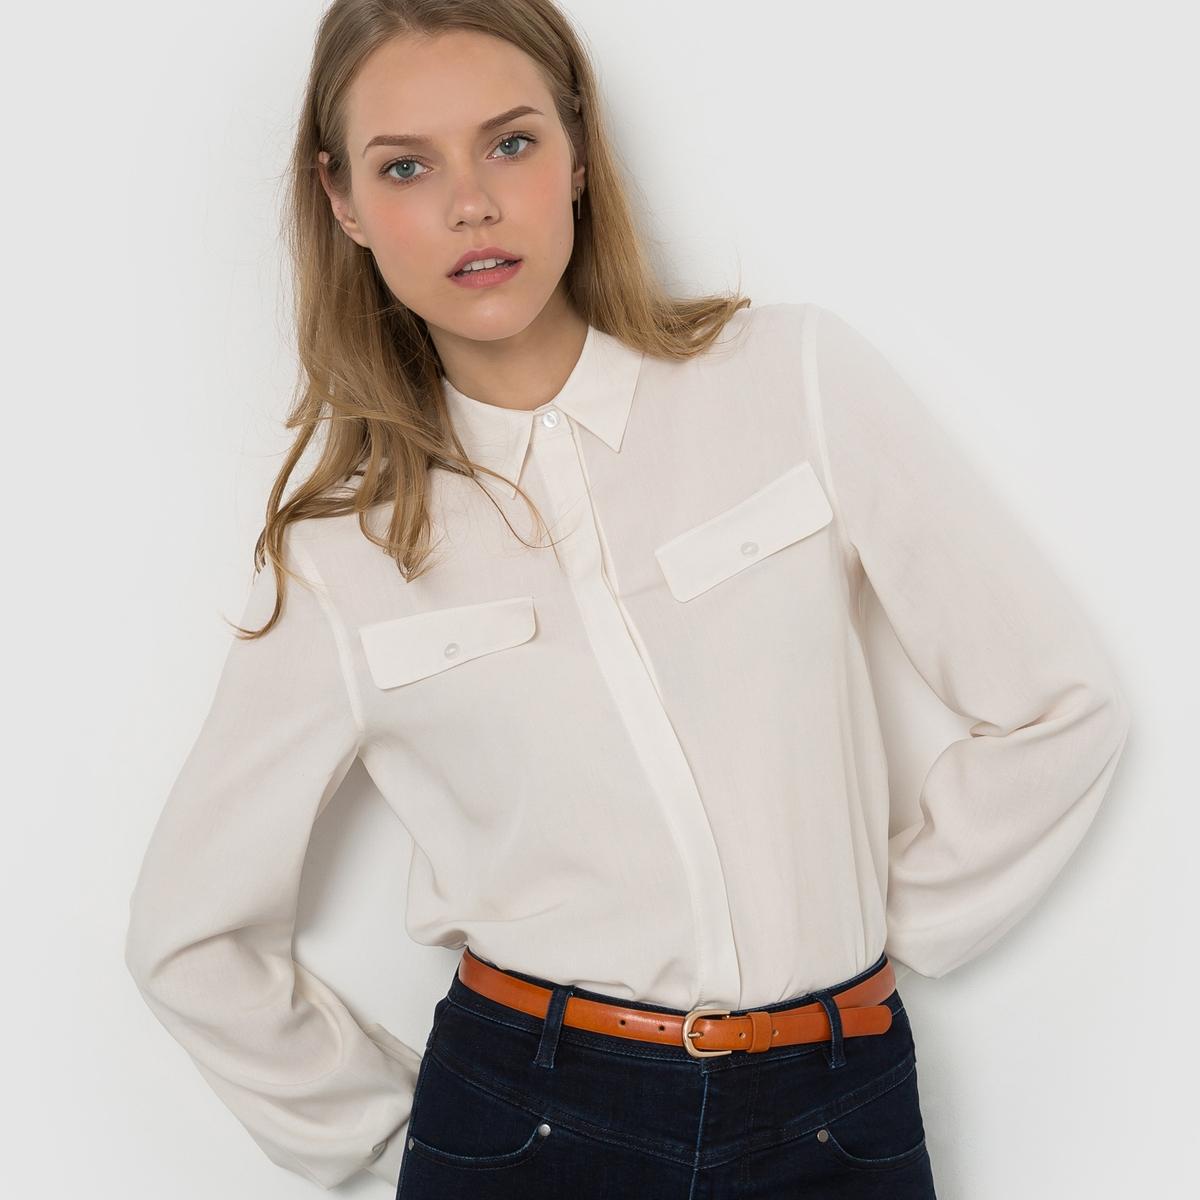 Рубашка струящаясяСостав и детали :Материал: 100% вискозыДлина: 65 смМарка: R ?dition   Уход :- Машинная стирка при 30°С с вещами схожих цветов.Стирать и гладить с изнаночной стороны.<br><br>Цвет: оливковый,оранжевый<br>Размер: 40 (FR) - 46 (RUS)